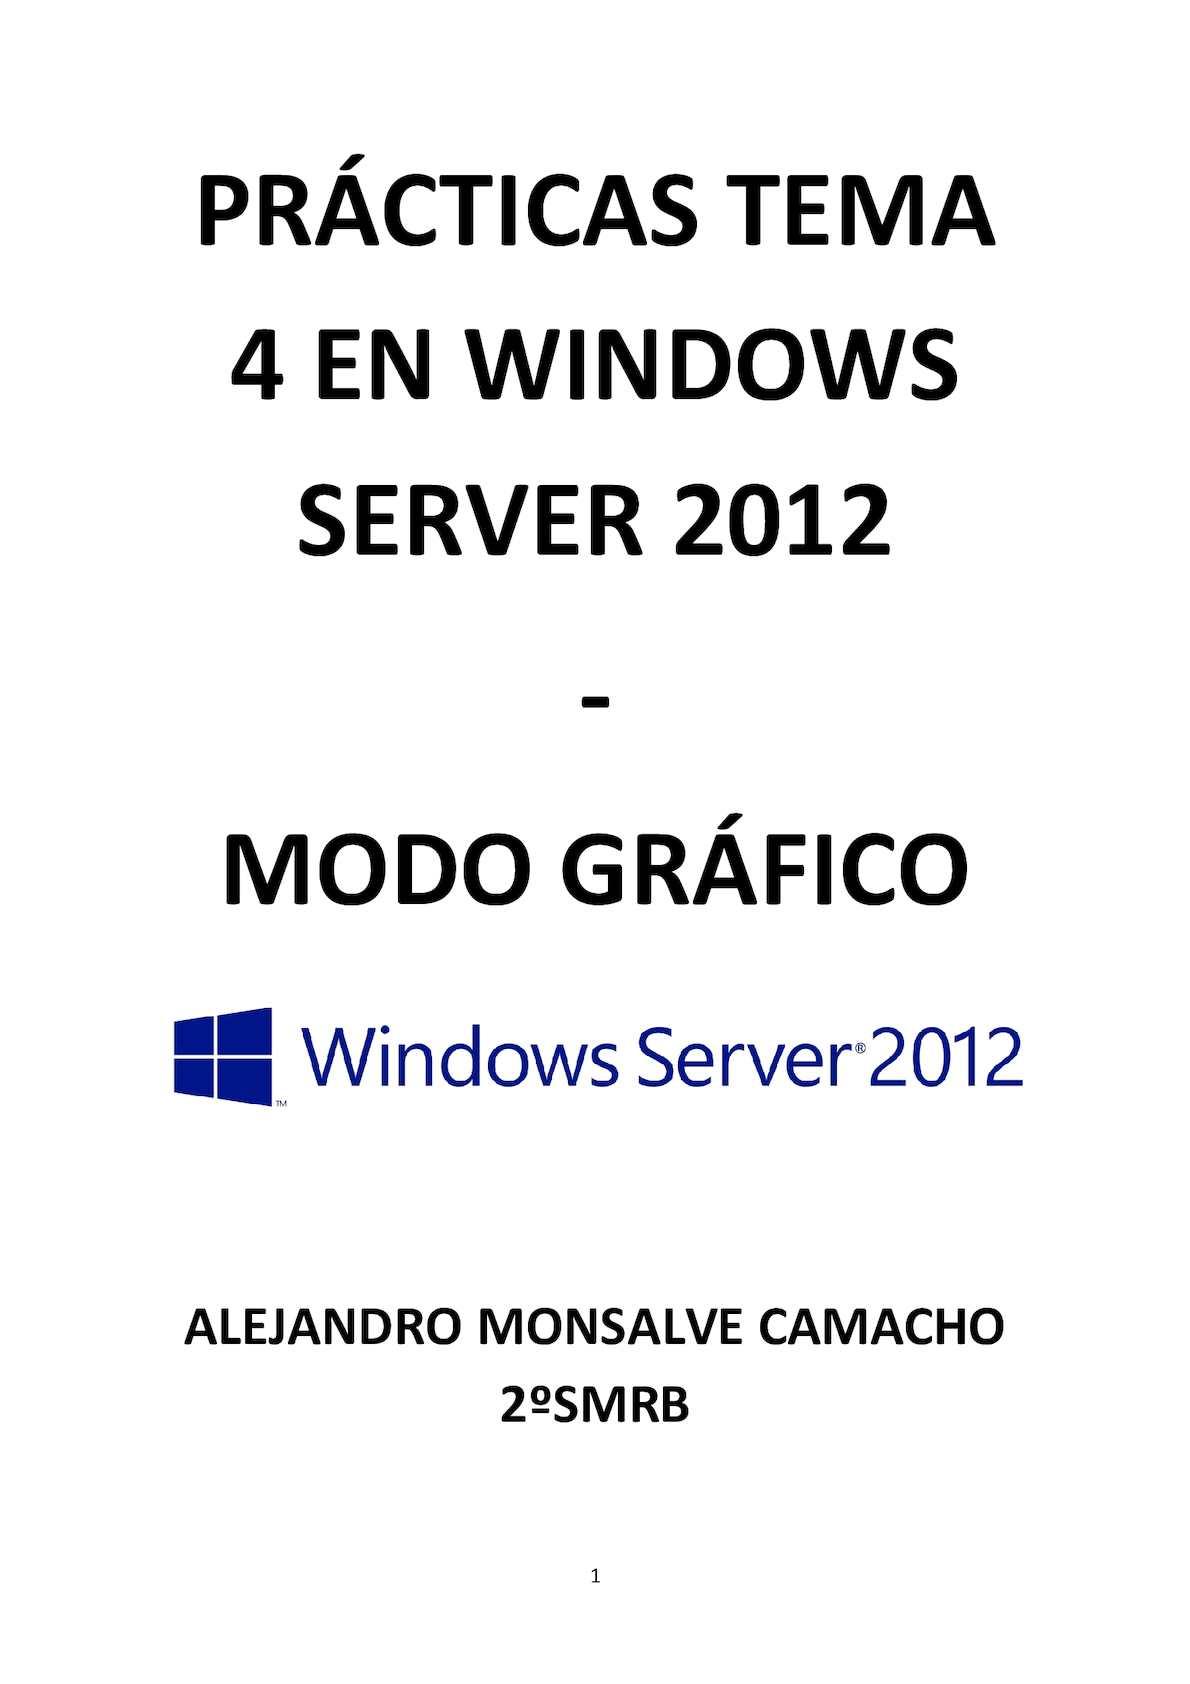 Practica Tema 4 En Server 2012 Grafico